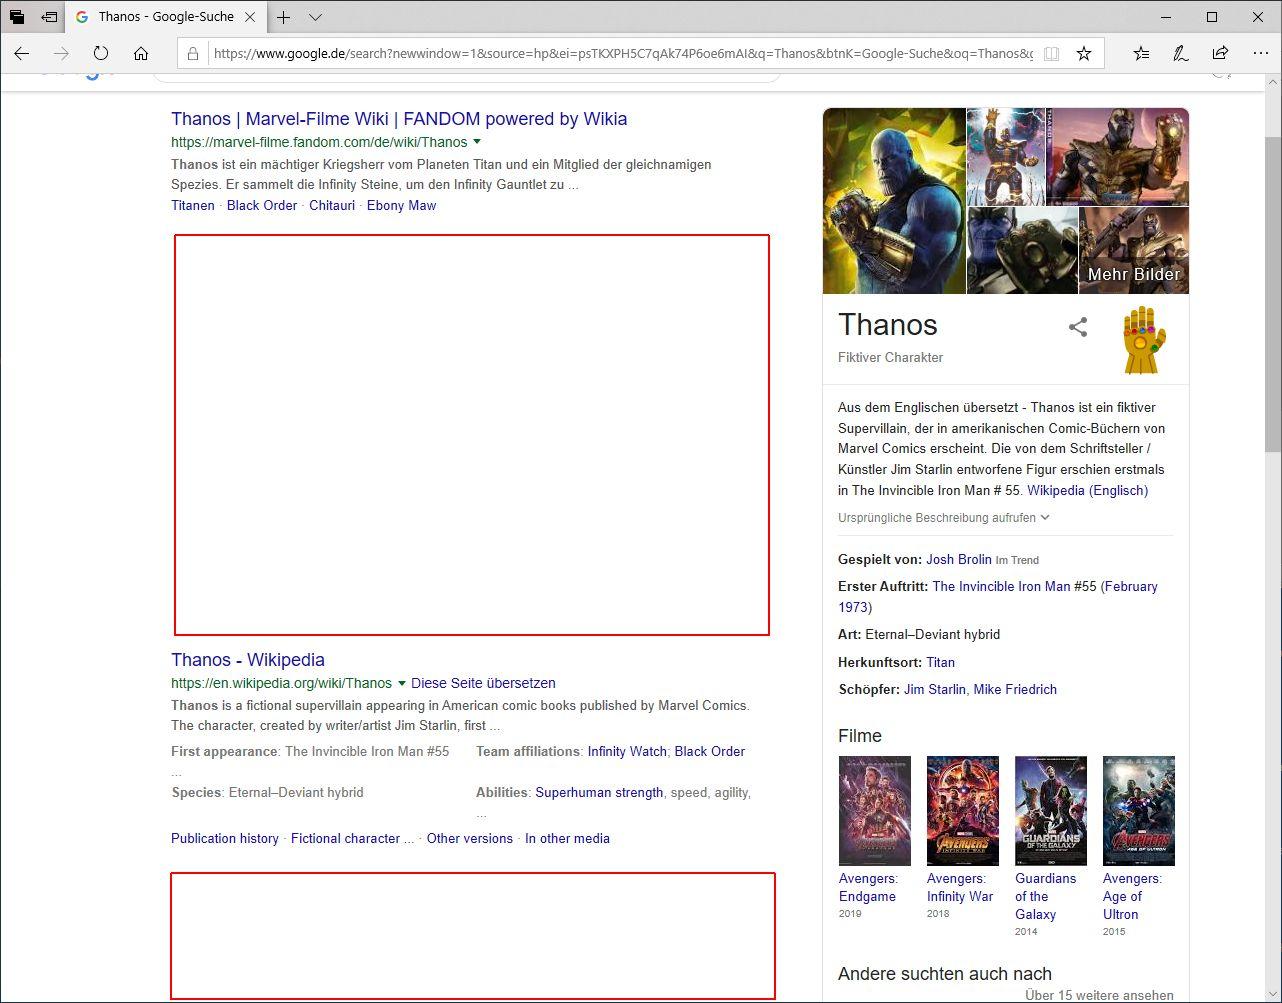 Suchergebnisse mit gelöschten Ergebnissen